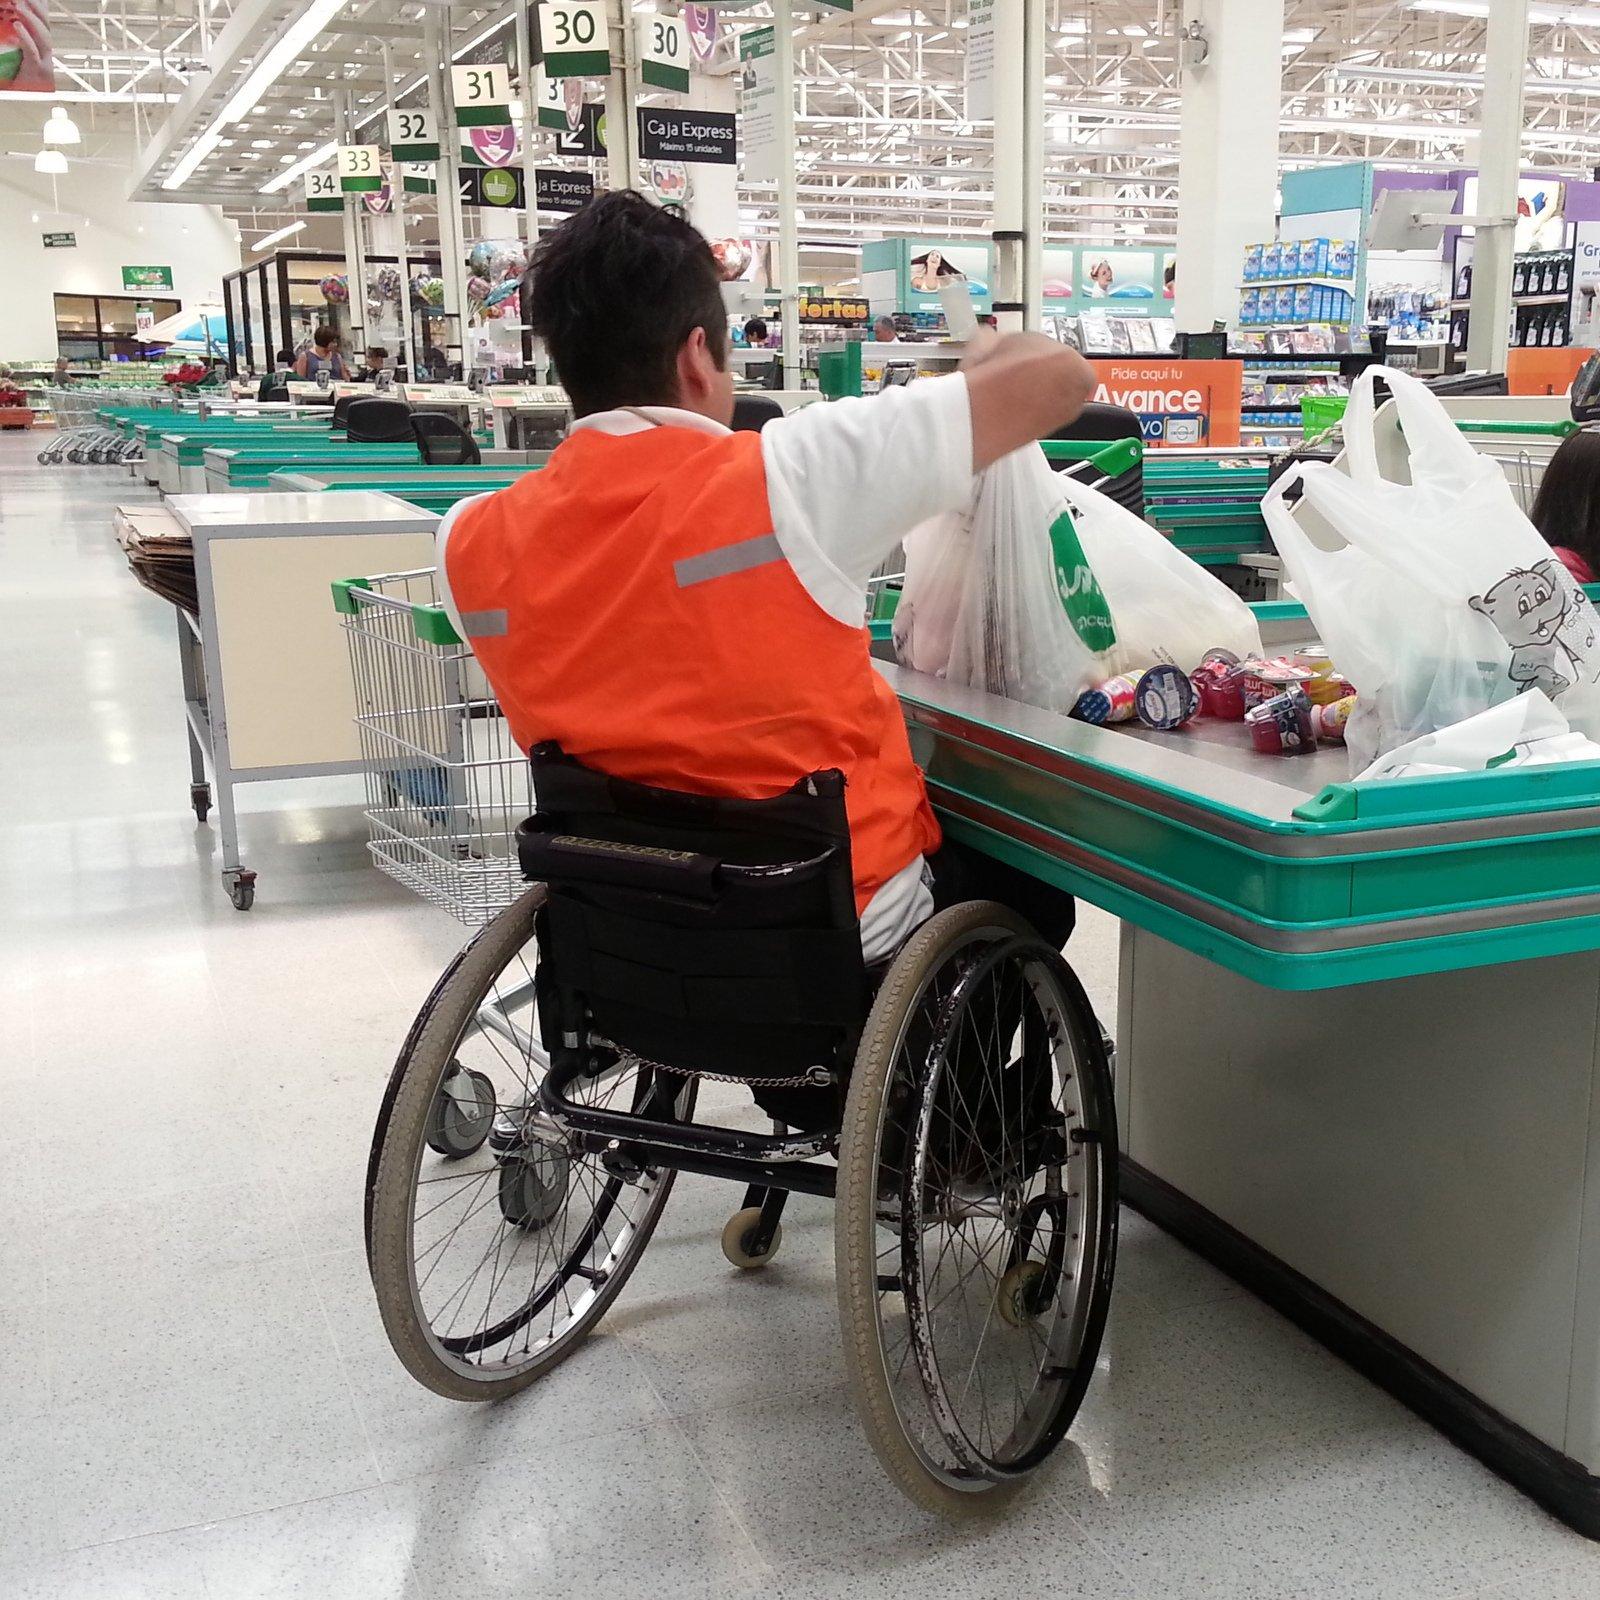 trabajador en silla de ruedas en supermercado